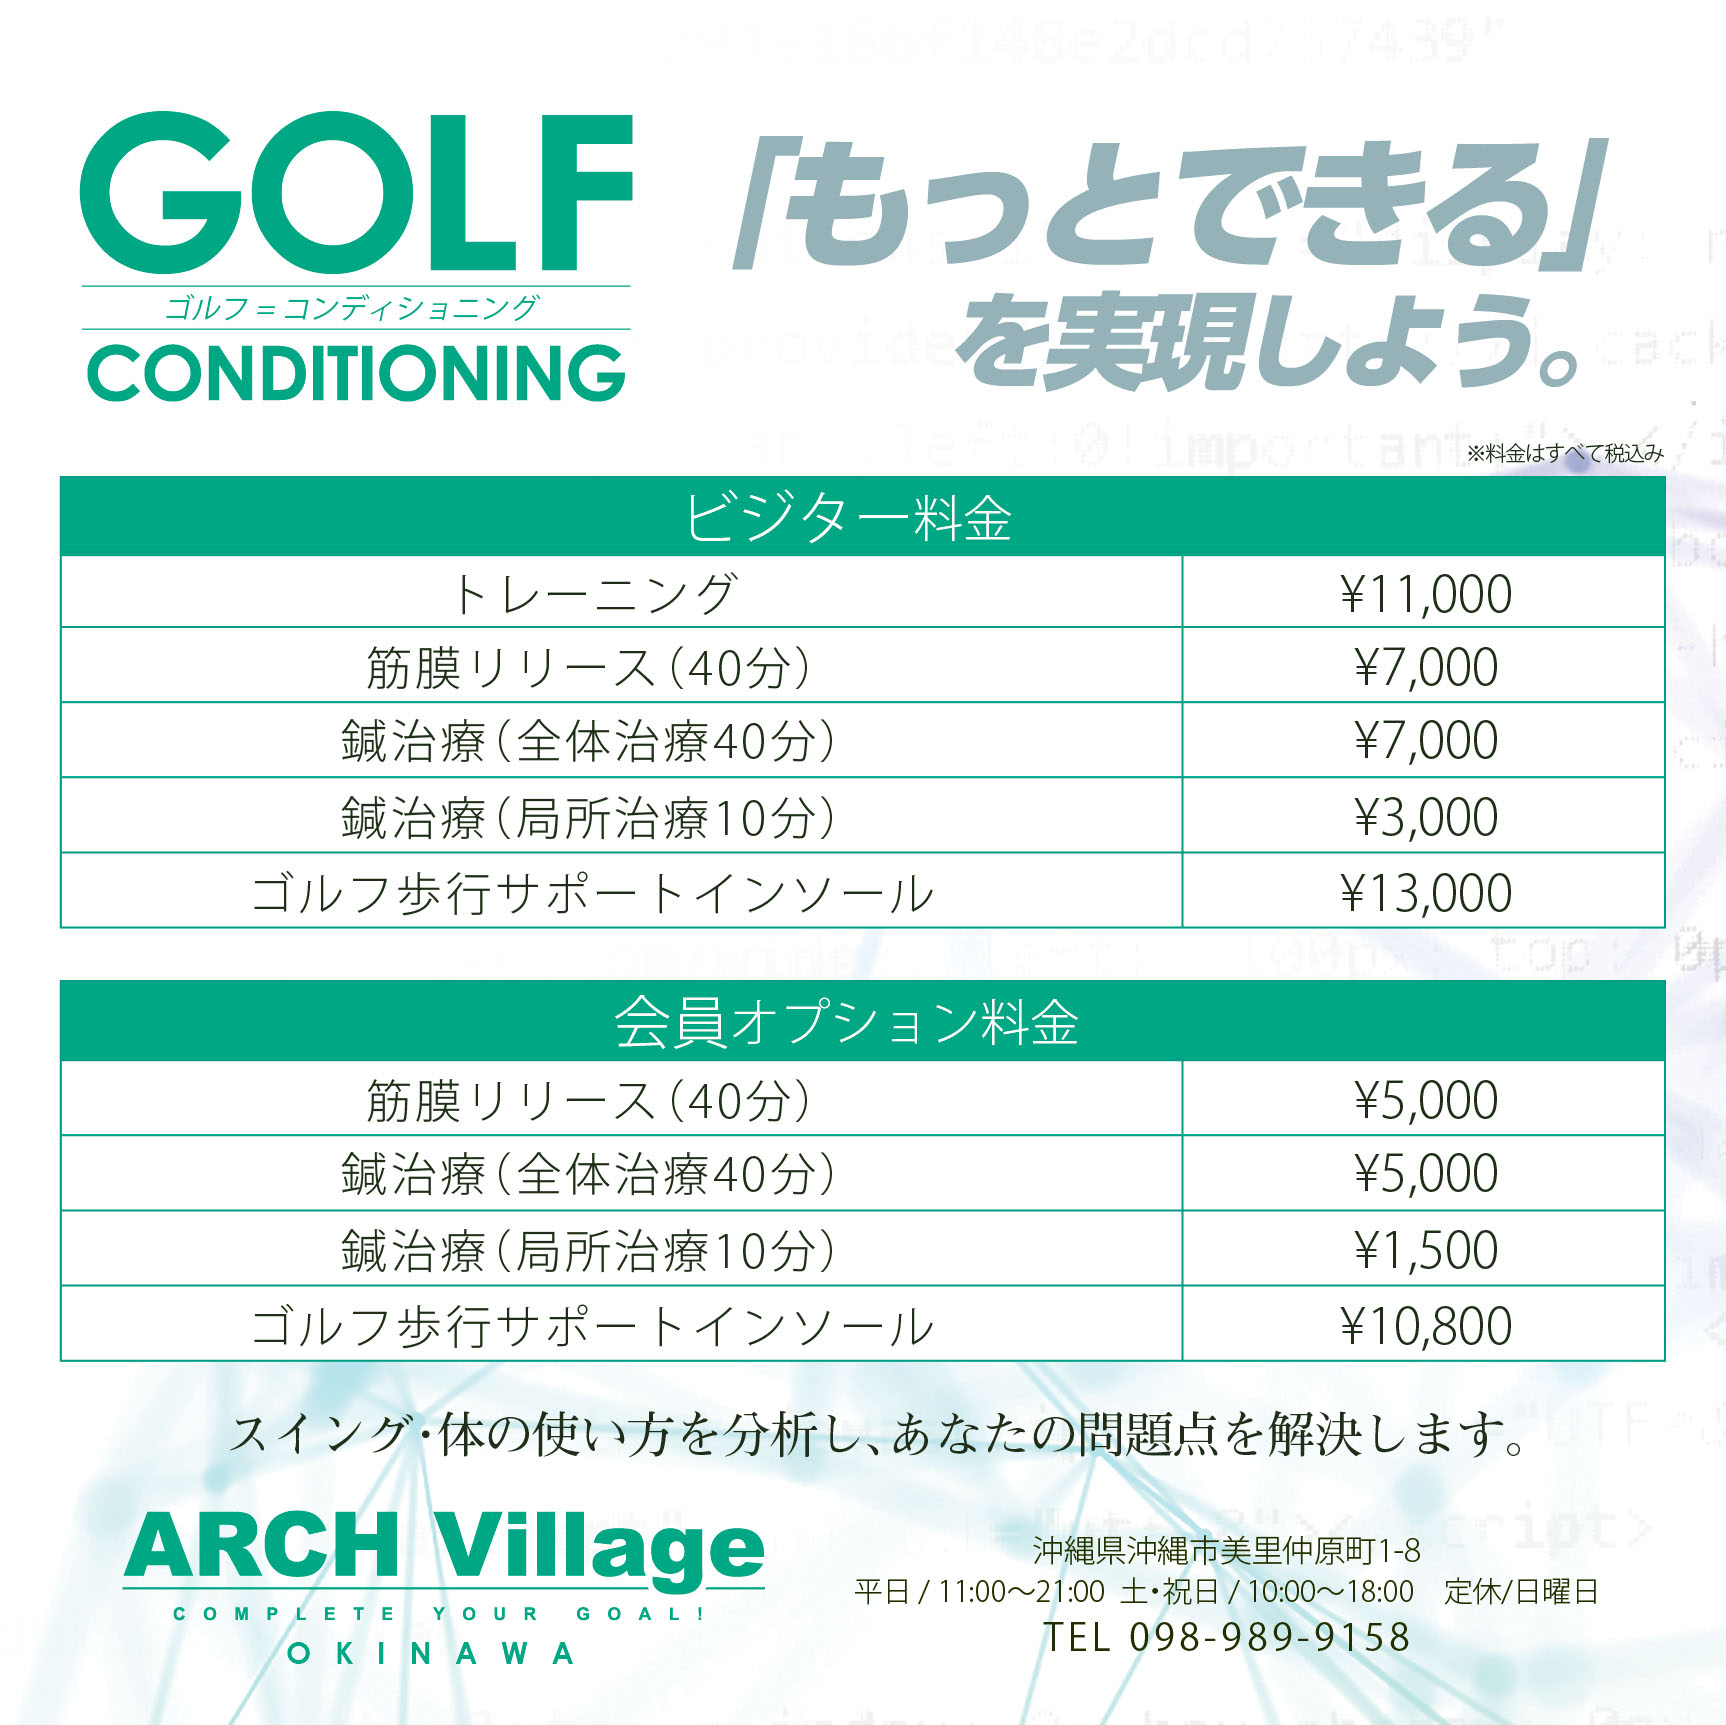 ゴルフコンディショニング コース料金2